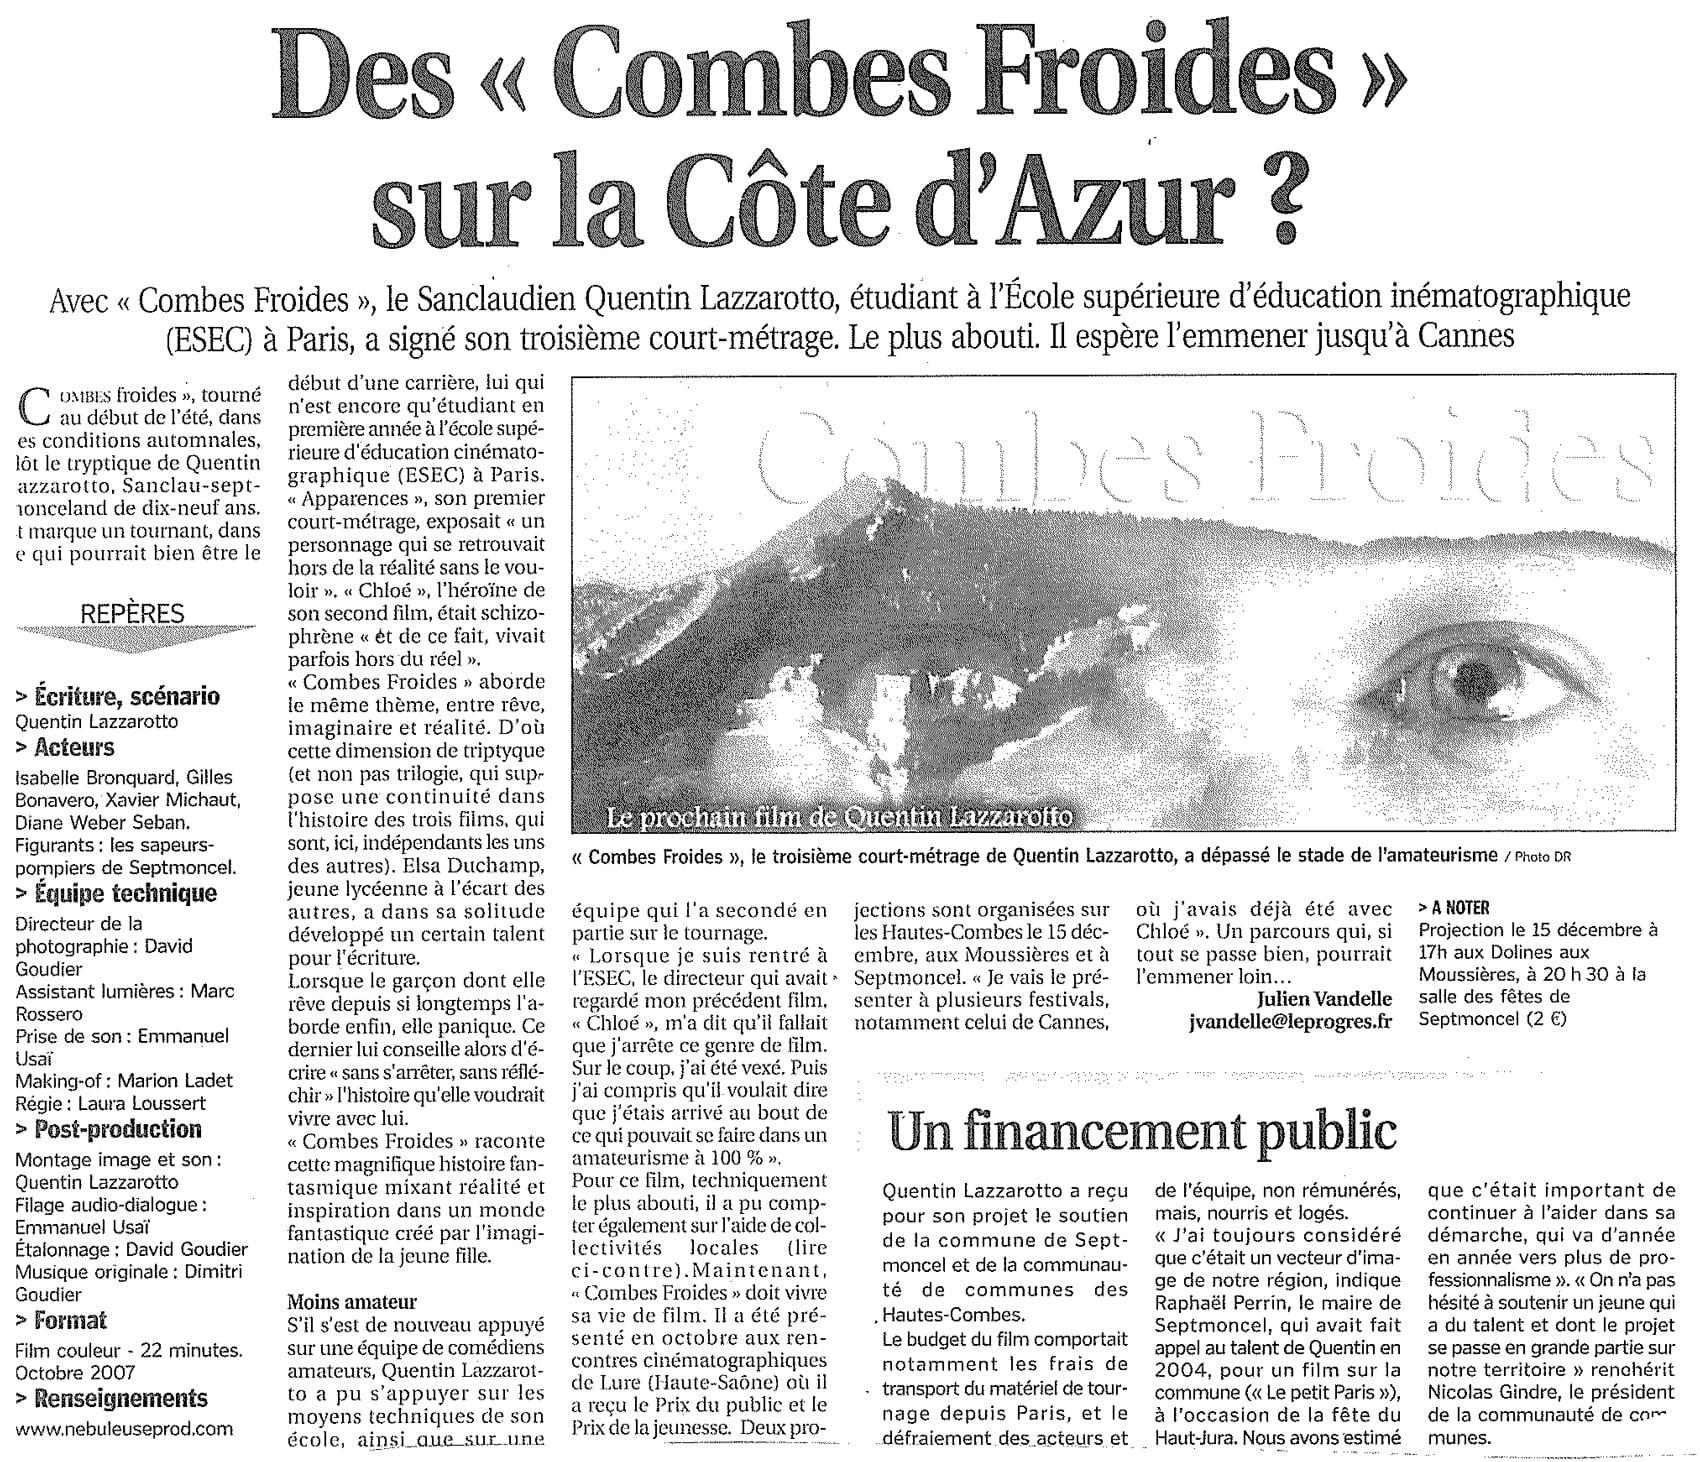 Des Combes Froides sur la Côte d'Azur ?